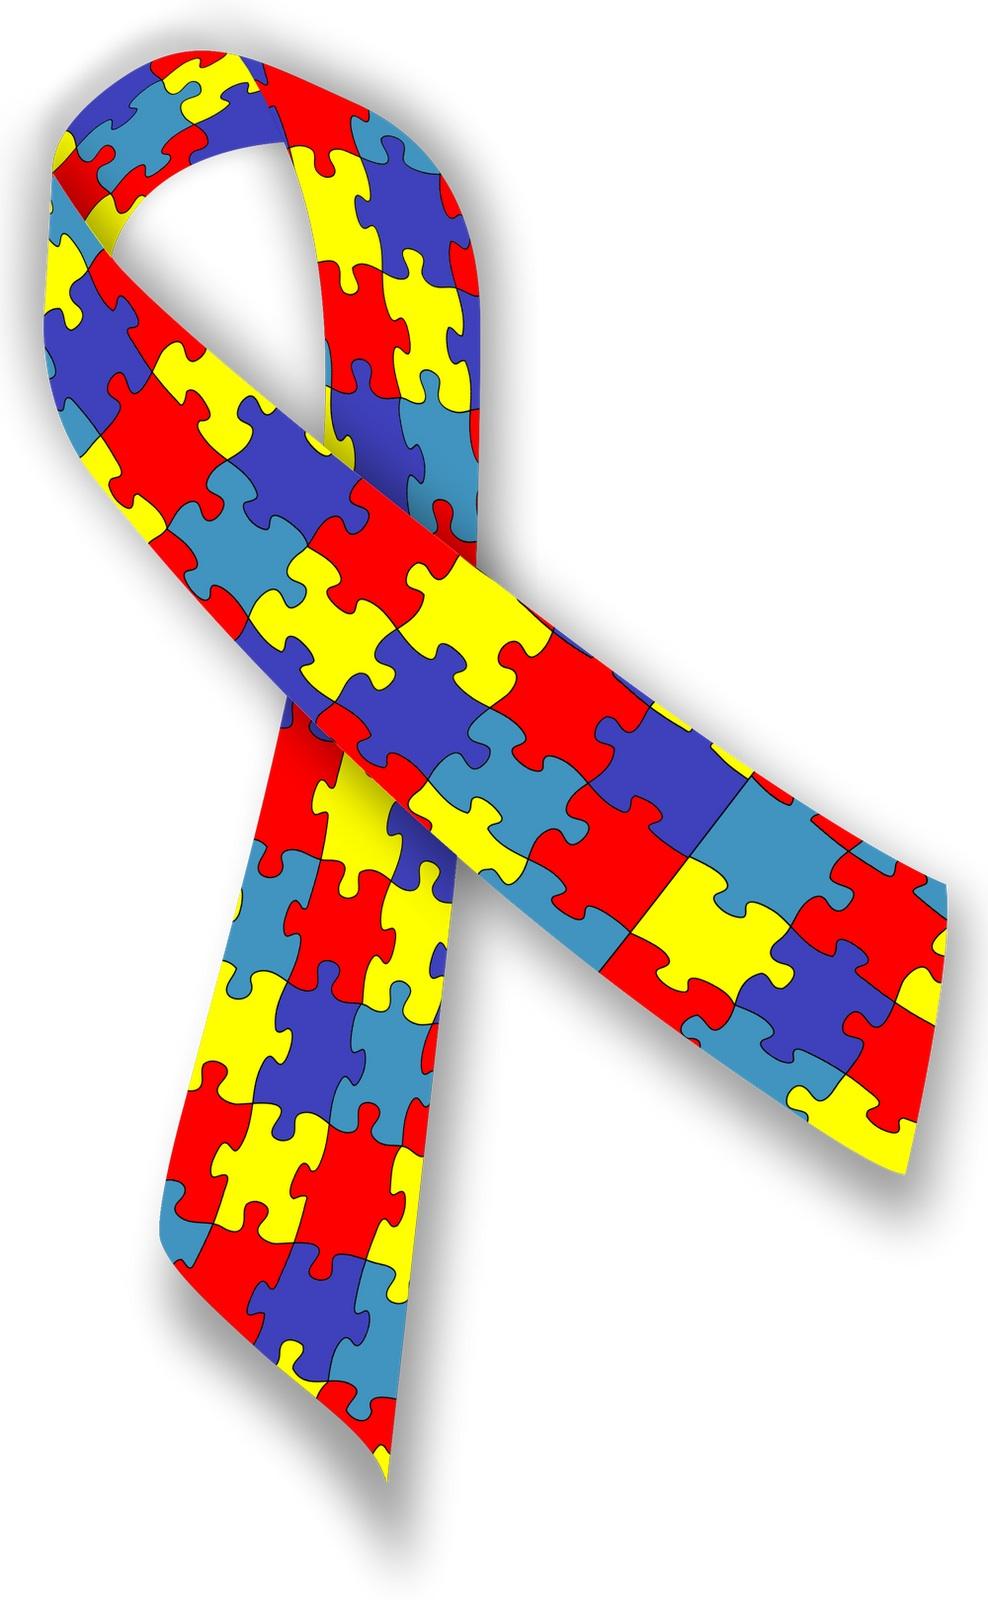 el puzzle simboliza el autismo